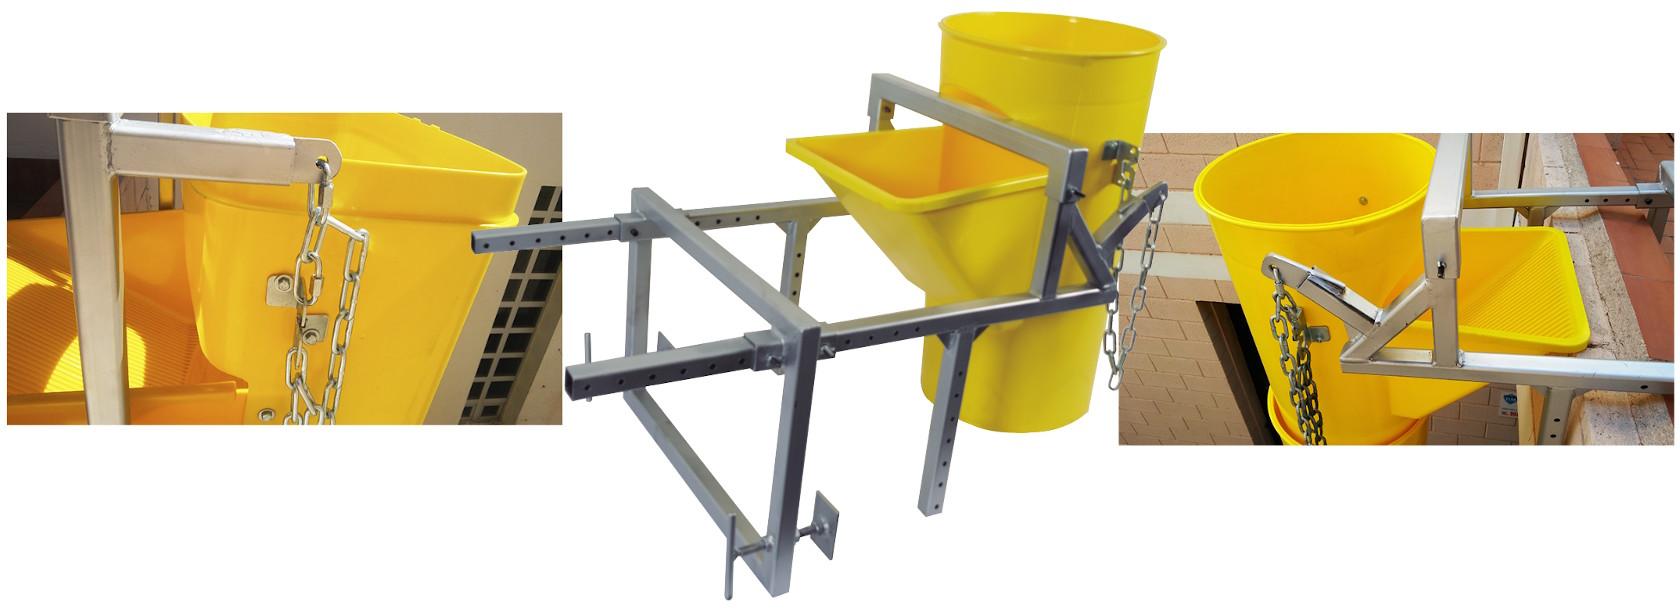 Fixation de supports pour monter une colonne de tuyaux de descente de débris sur un chantier de construction